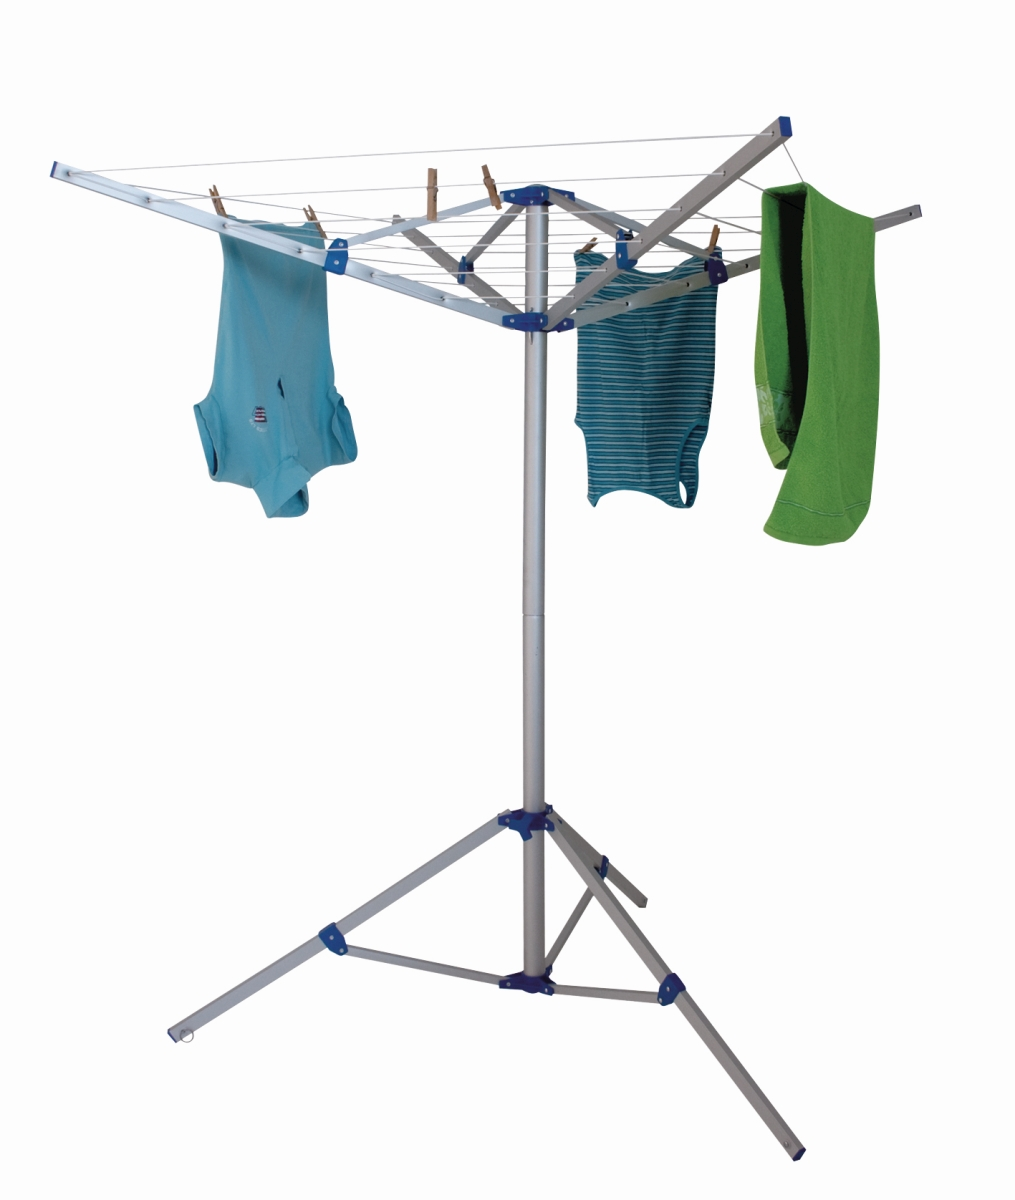 Wäschespinne 4-Arm